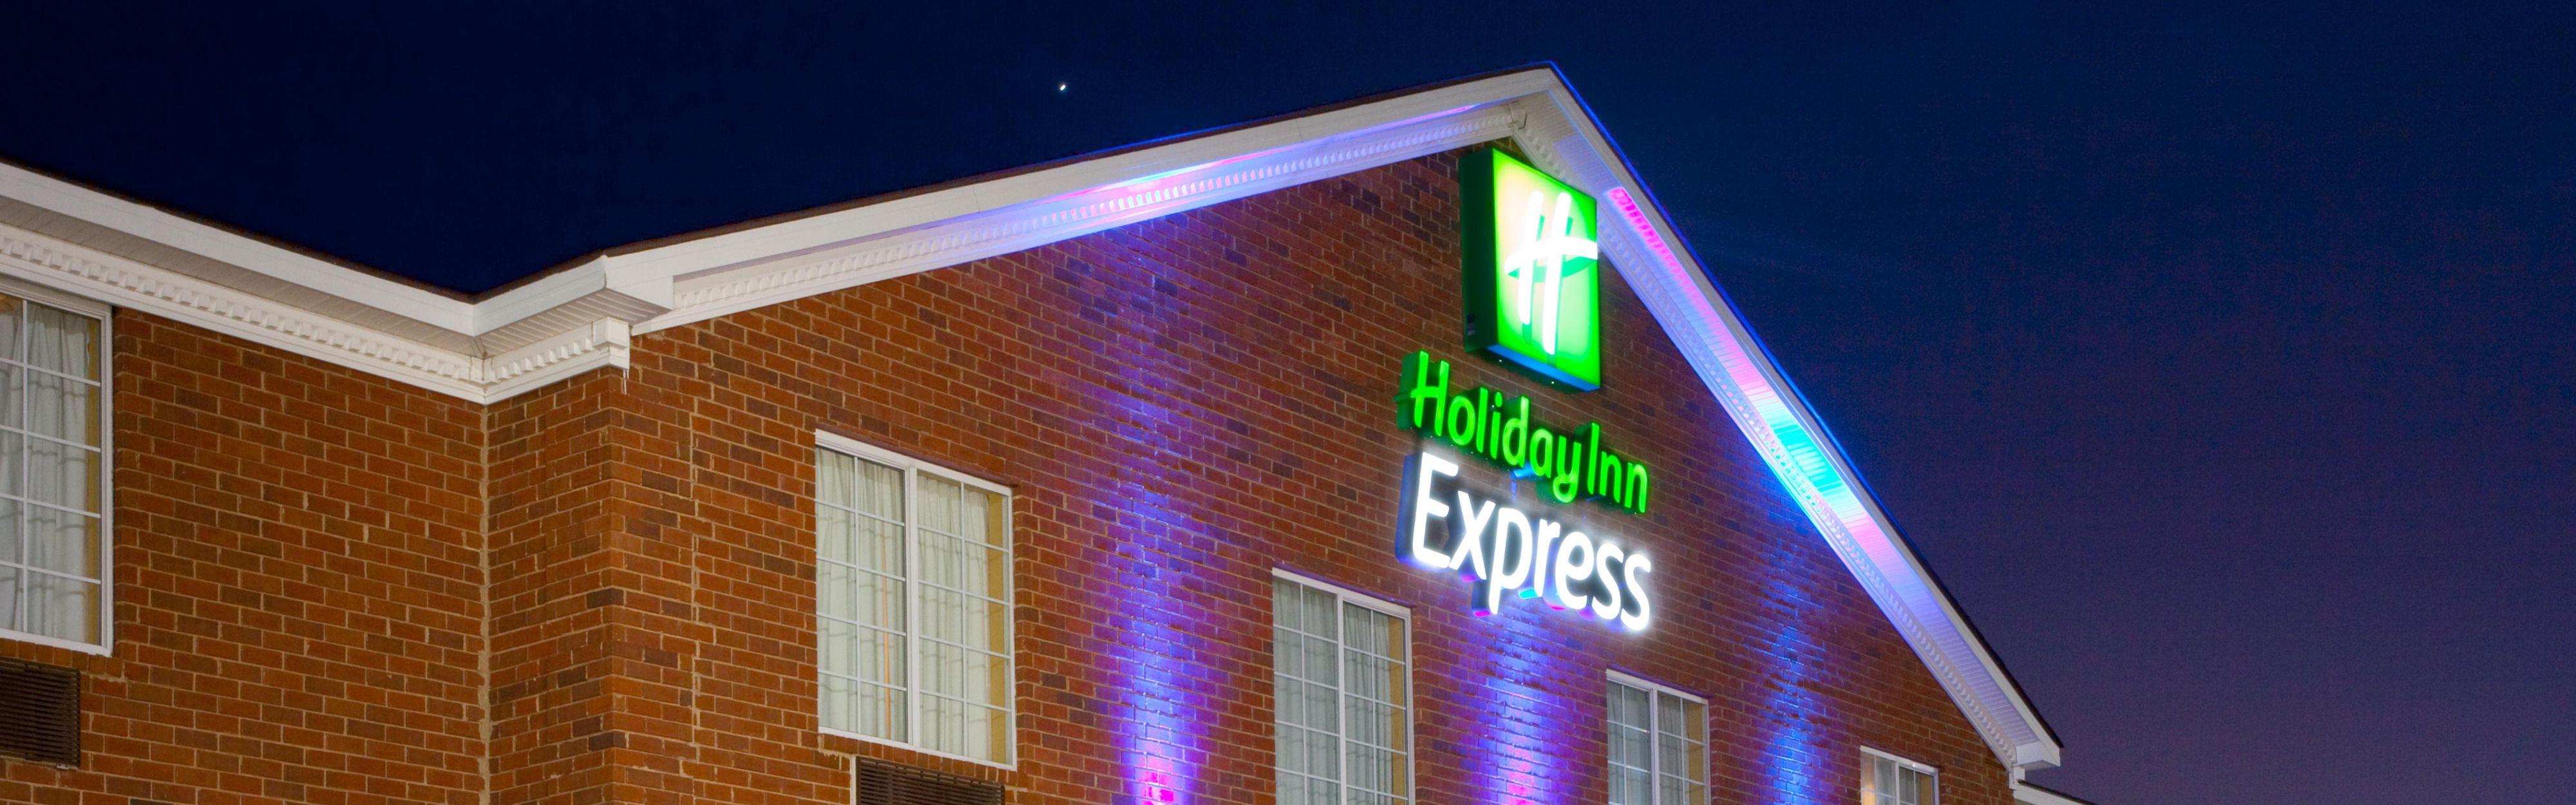 Holiday Inn Express Savannah-I-95 North image 0